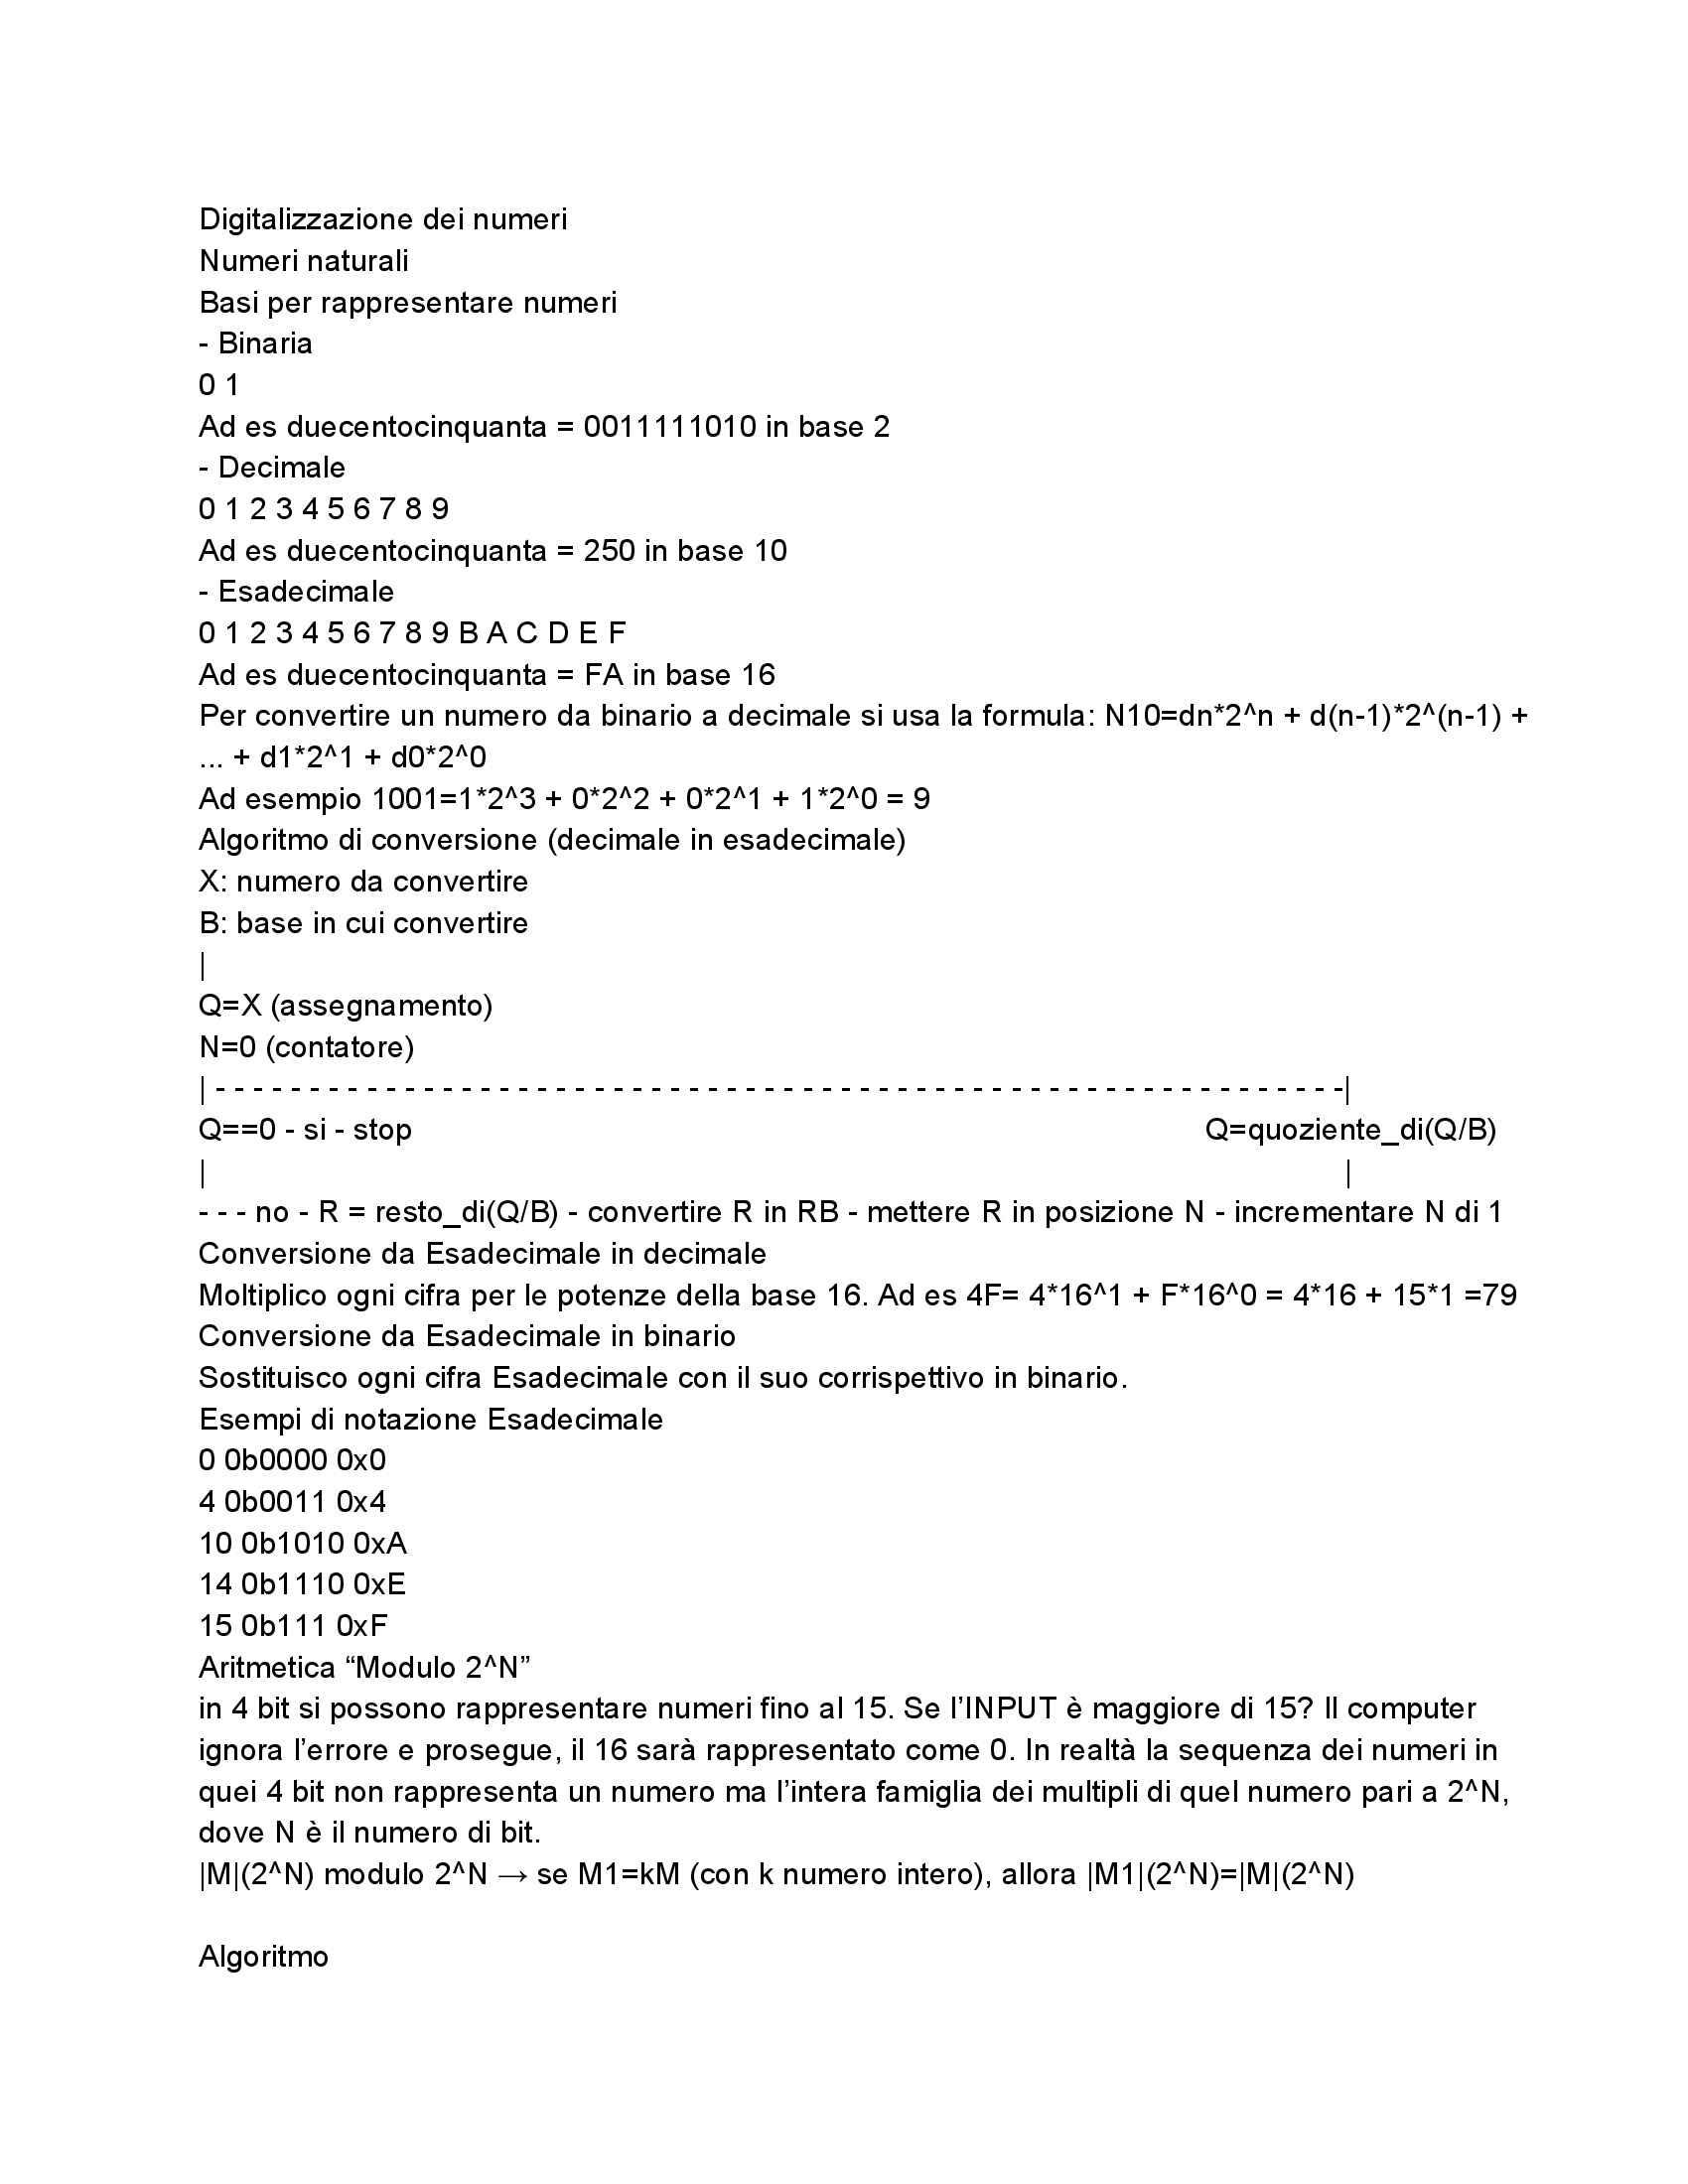 Informatica - Digitalizzazione dei numeri